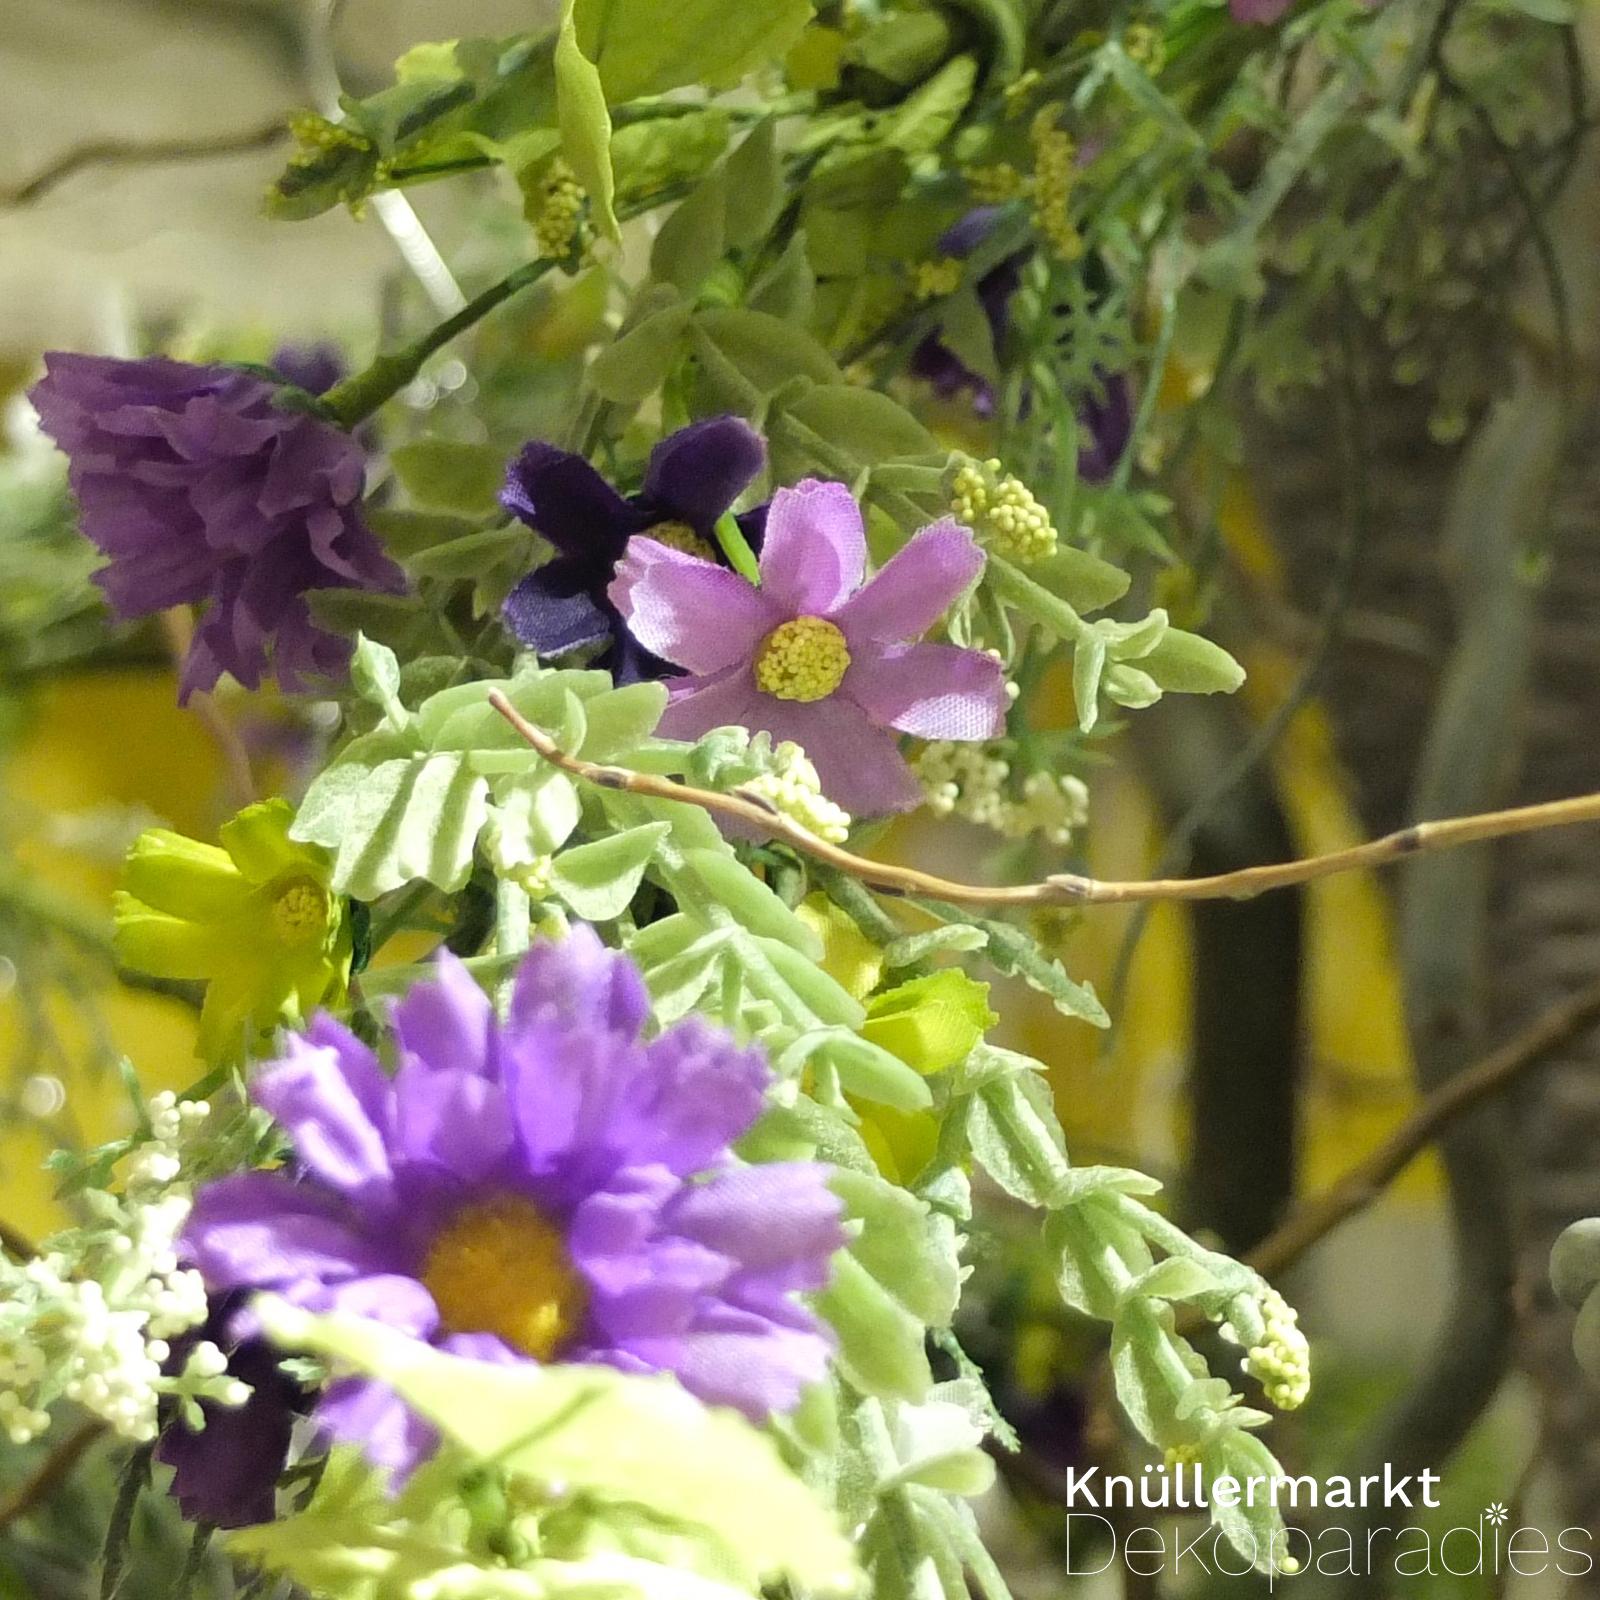 gallerie-8-themenseite-fruehling-oster-blumen-deko-paradies-knuellermarkt